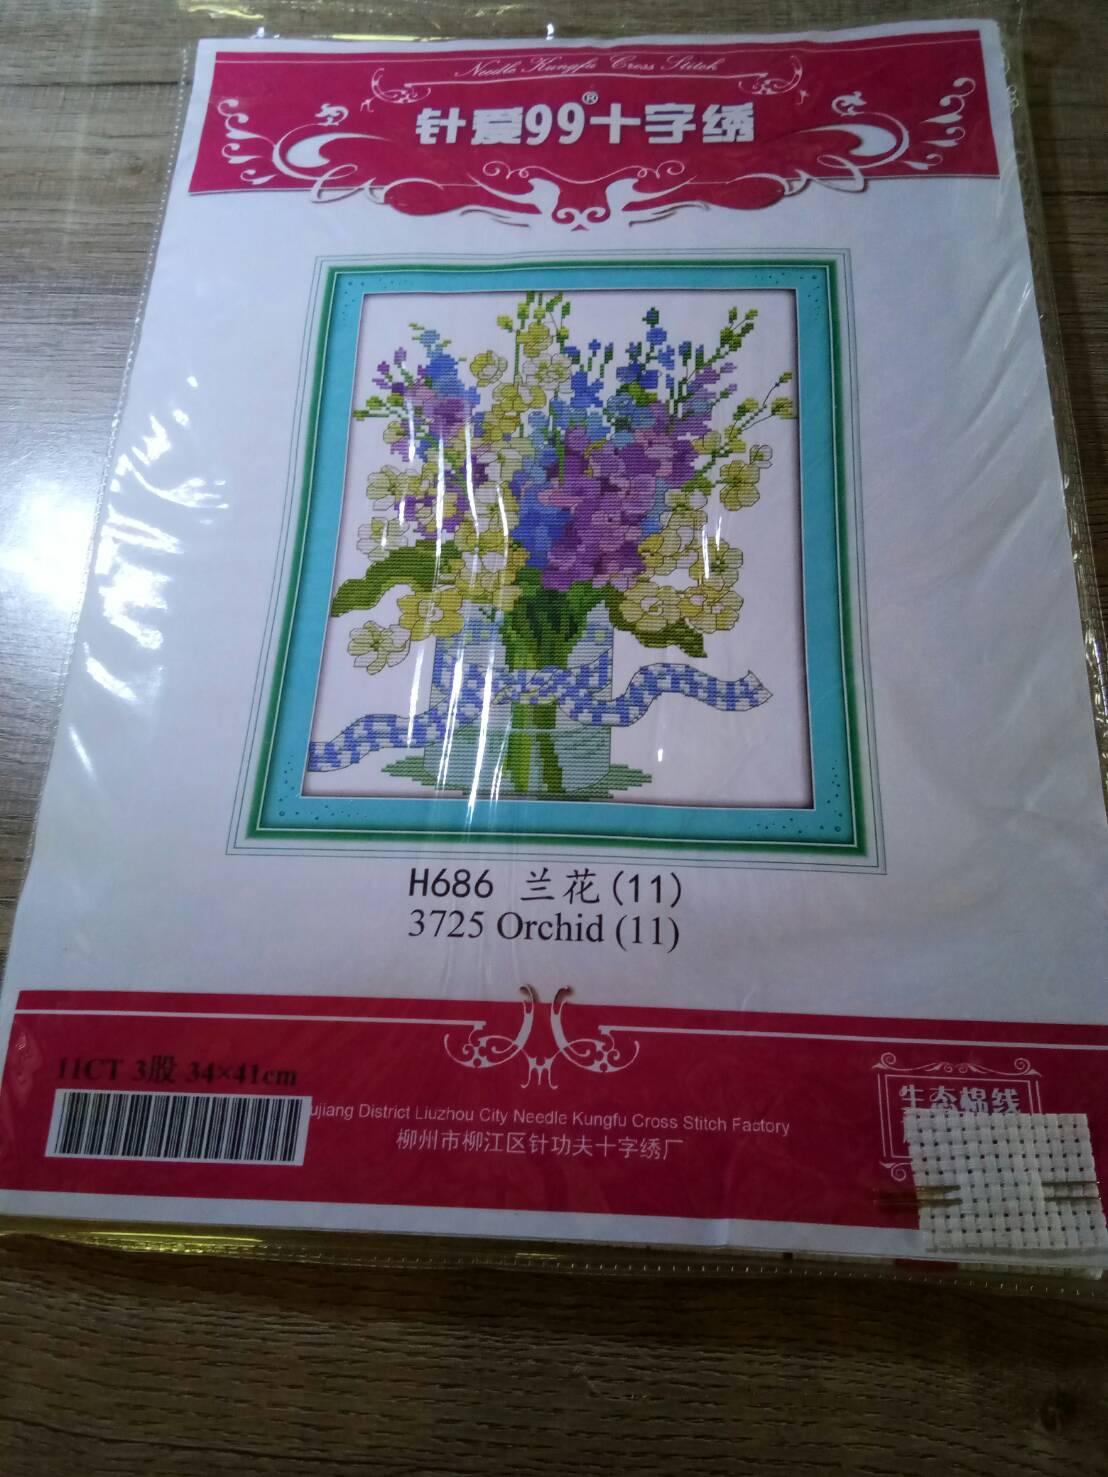 ชุดปักครอสติช ลาย ดอกไม้ในแจกัน ขนาด 34*41 ซม.ผ้าครอสติช 11CTพิมพ์ลายปัก ไหมคอตตอน สี+ผังลาย+เข็ม (ส่งฟรี)